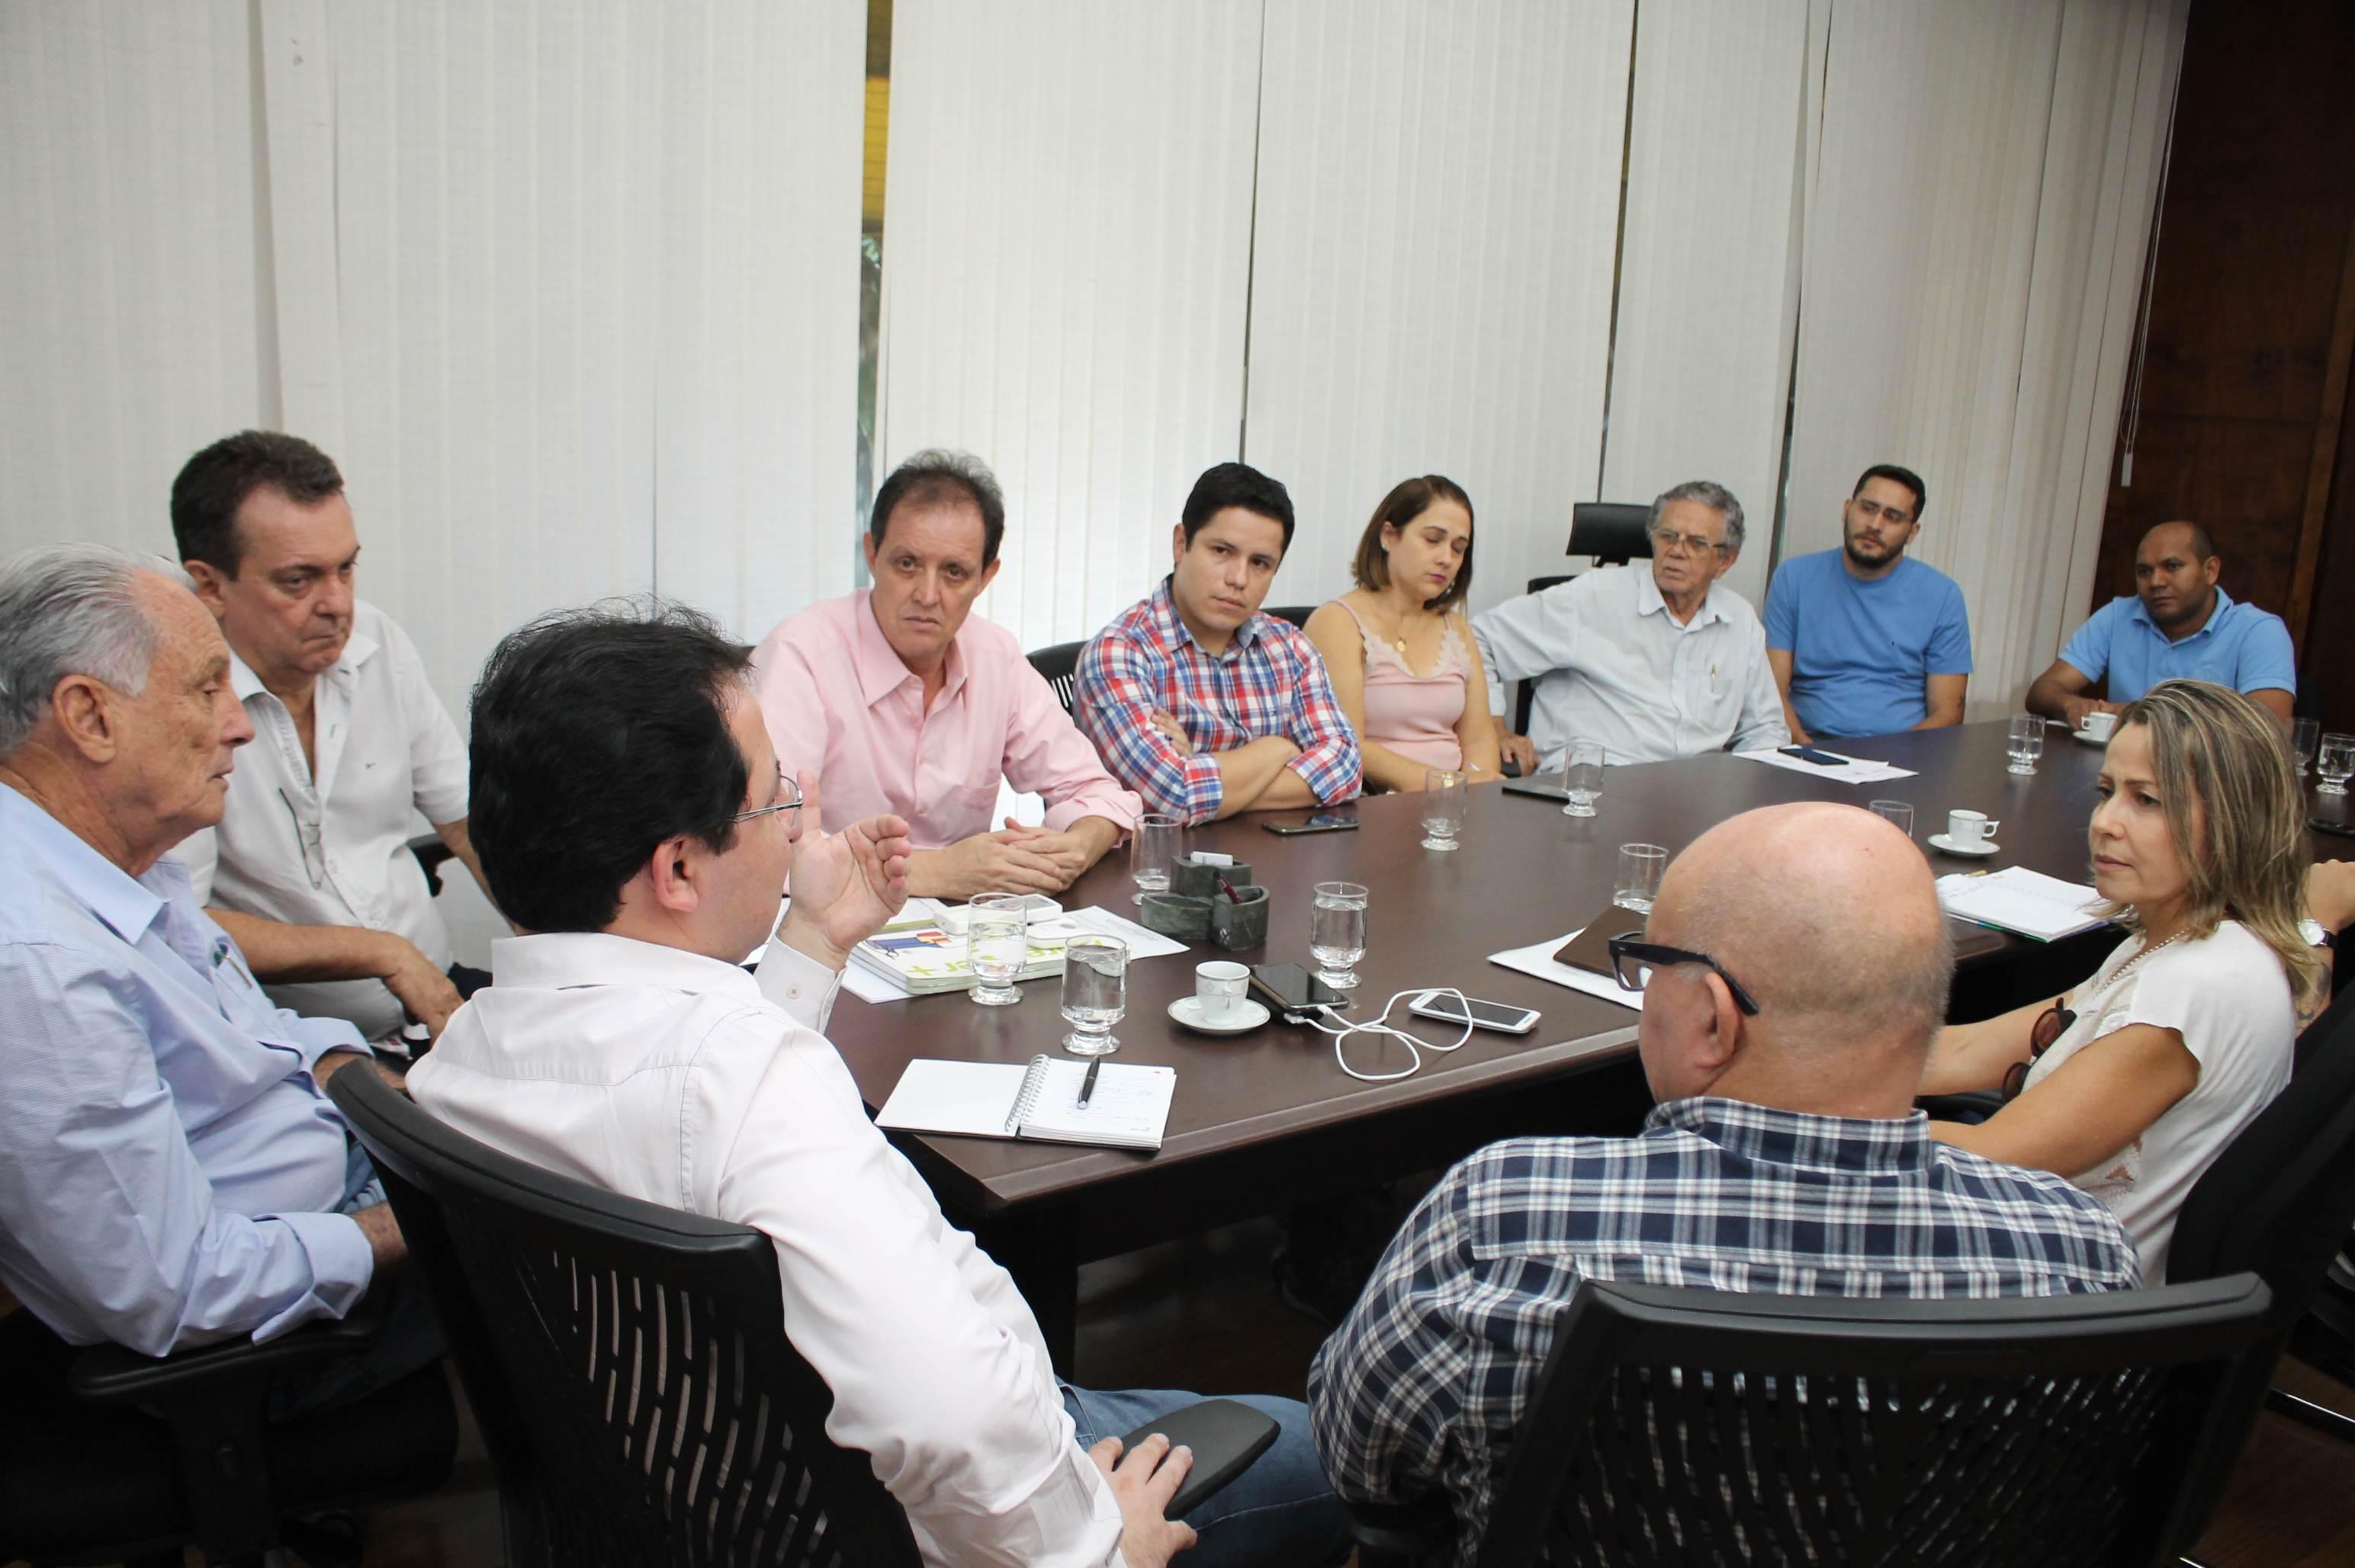 Secretaria de Educação, Cultura e Esporte (Seduce Goiás) recebeu representantes da Confederação Brasileira de Basketball (CBB) e da Federação Goiana de Basquete (FGB) | Foto: Divulgação / Seduce